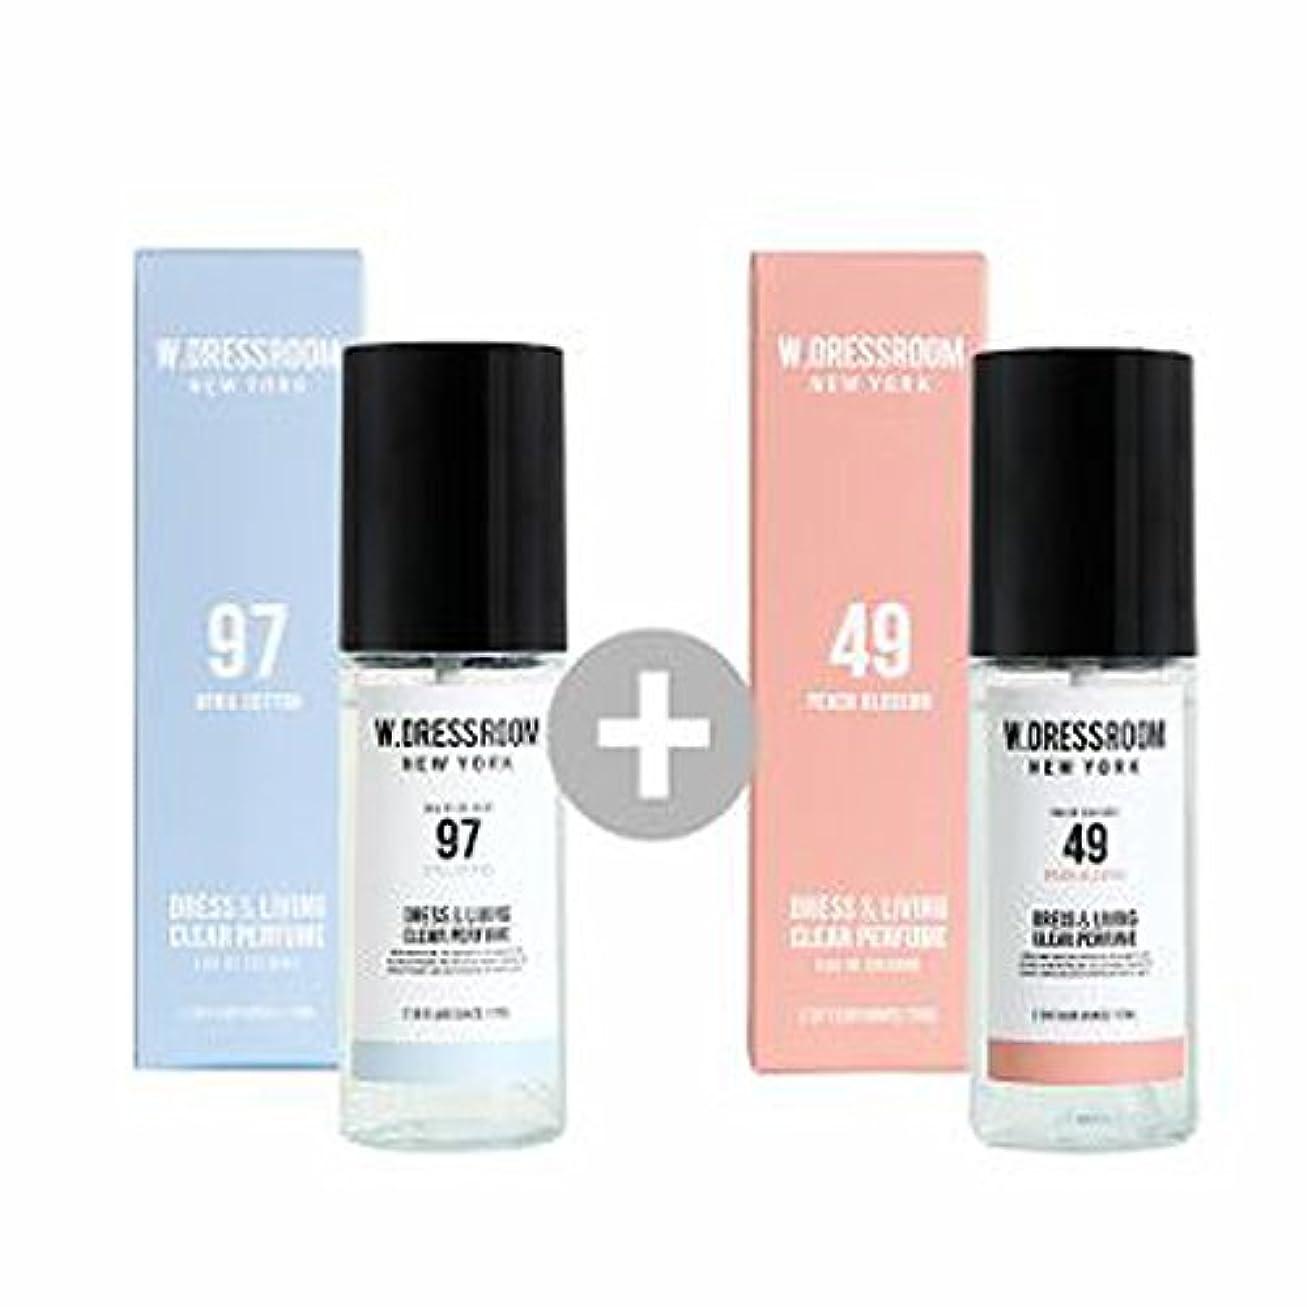 用語集リークエネルギーW.DRESSROOM Dress & Living Clear Perfume 70ml(No 97 April Cotton)+(No 49 Peach Blossom)